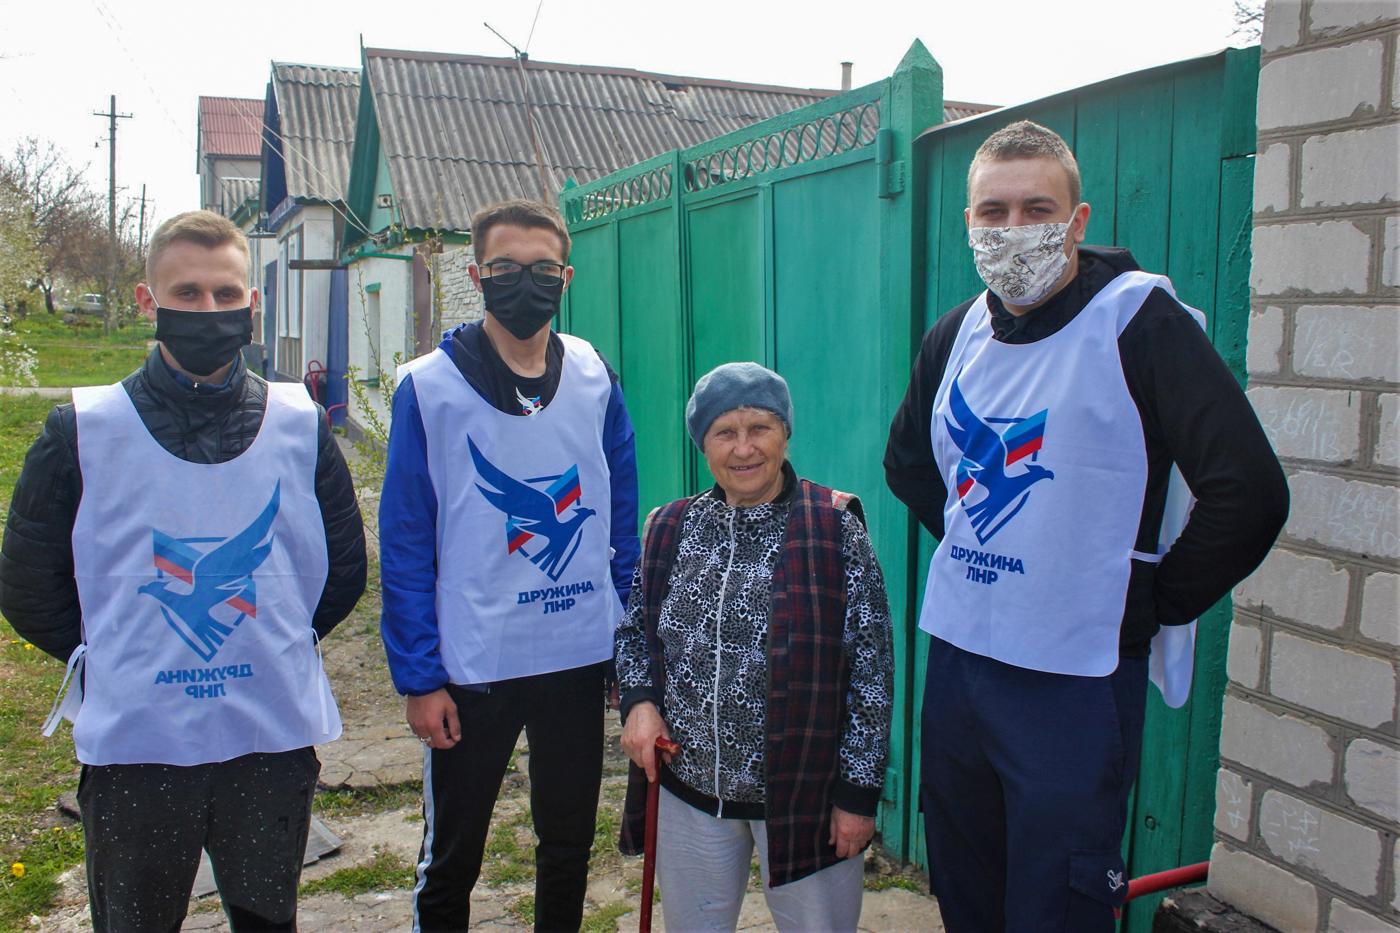 Активисты проекта «Дружина» помогли жительнице Луганска 2